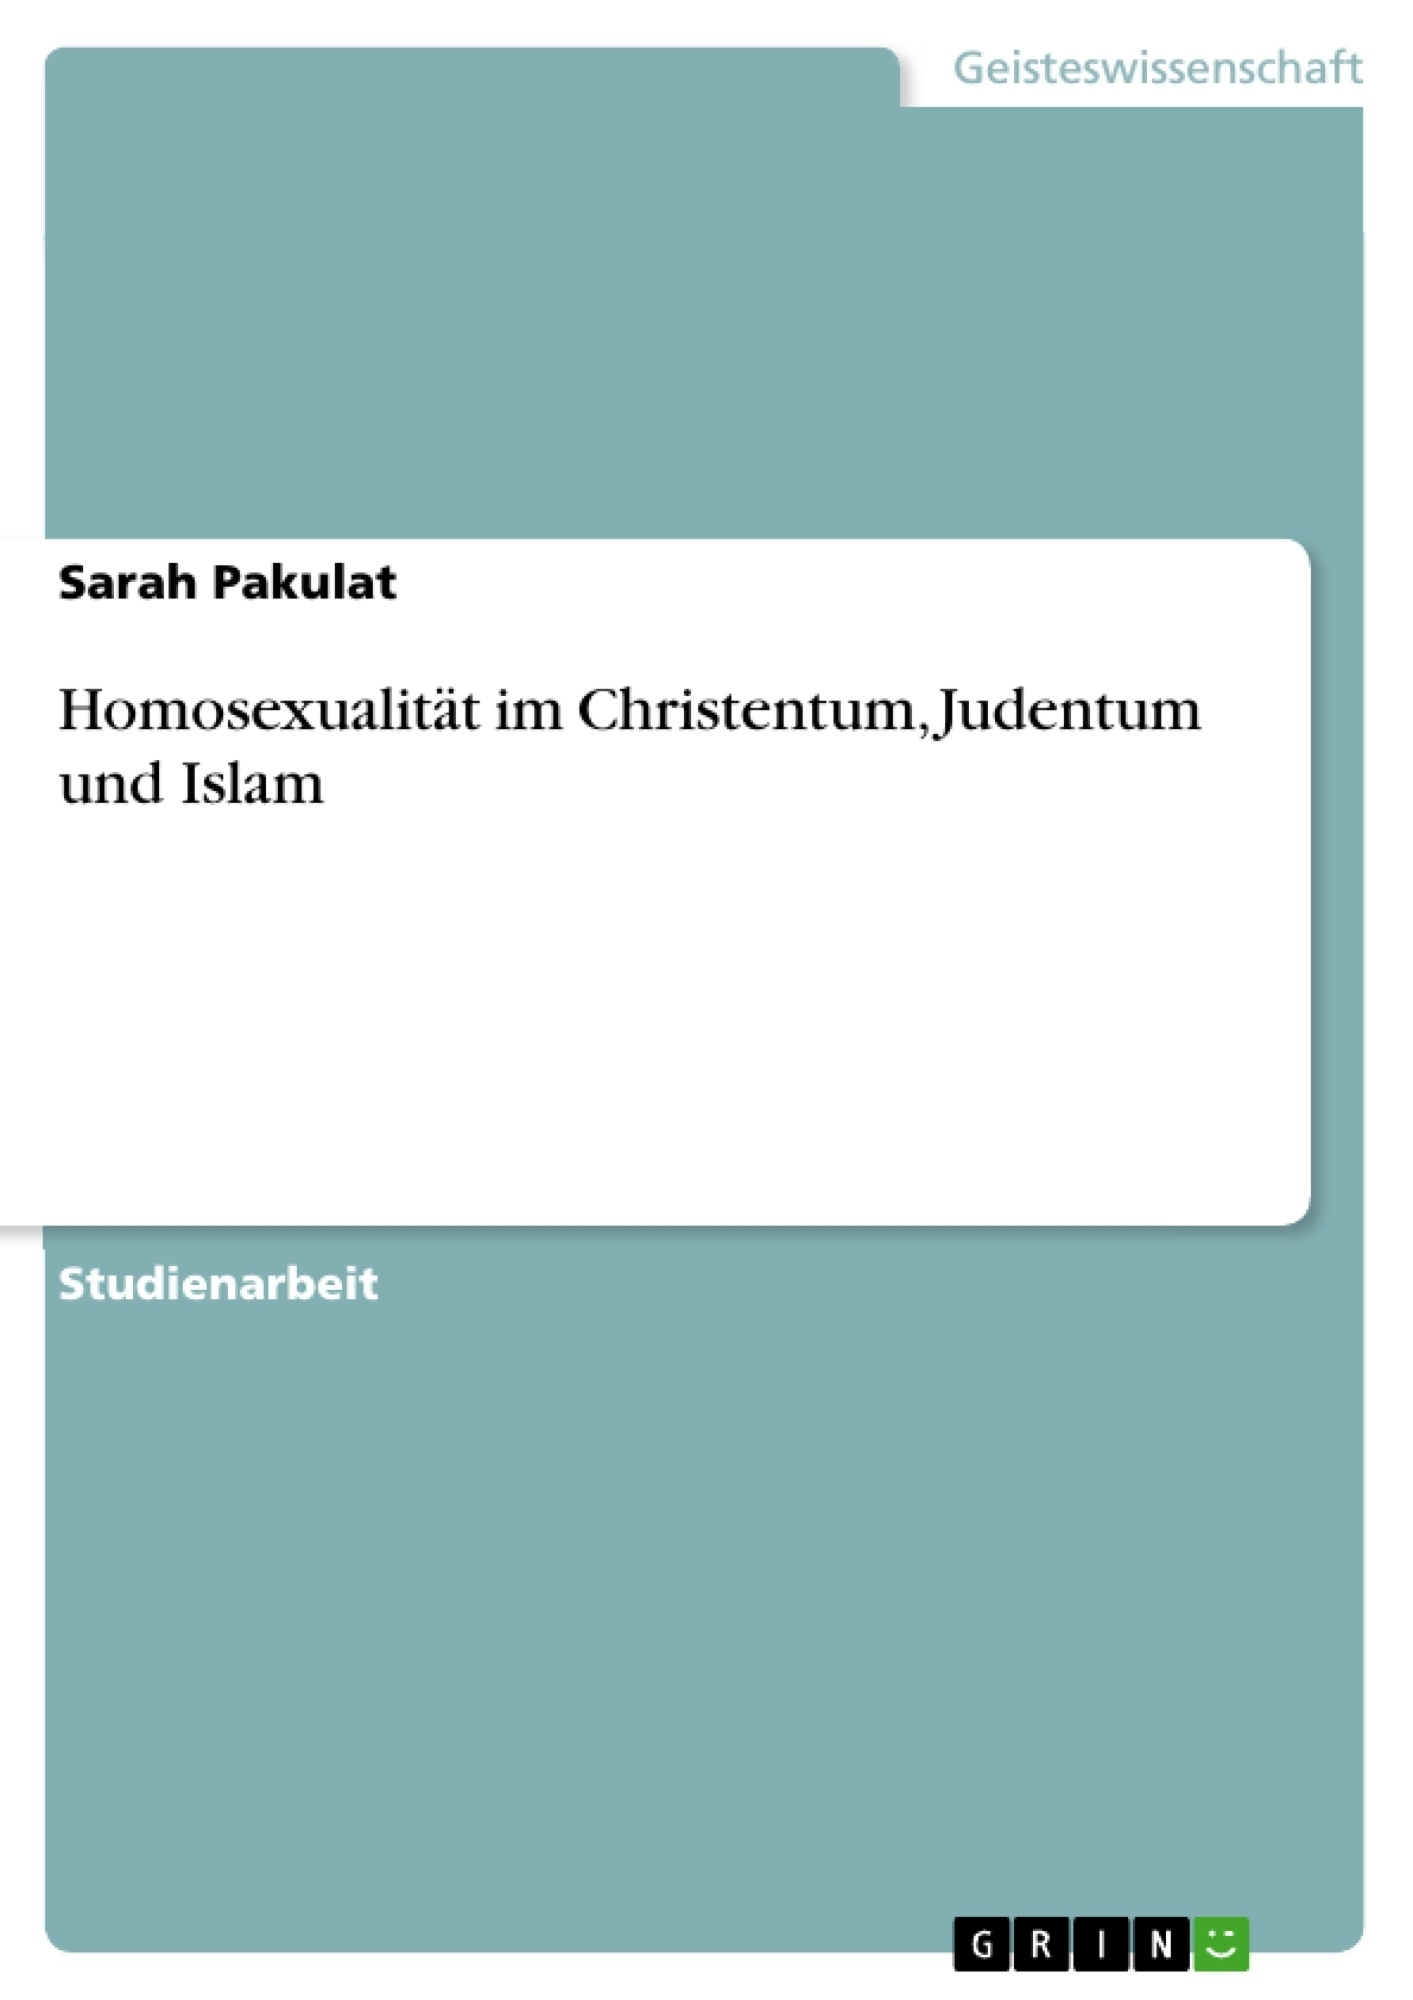 Titel: Homosexualität im Christentum, Judentum und Islam